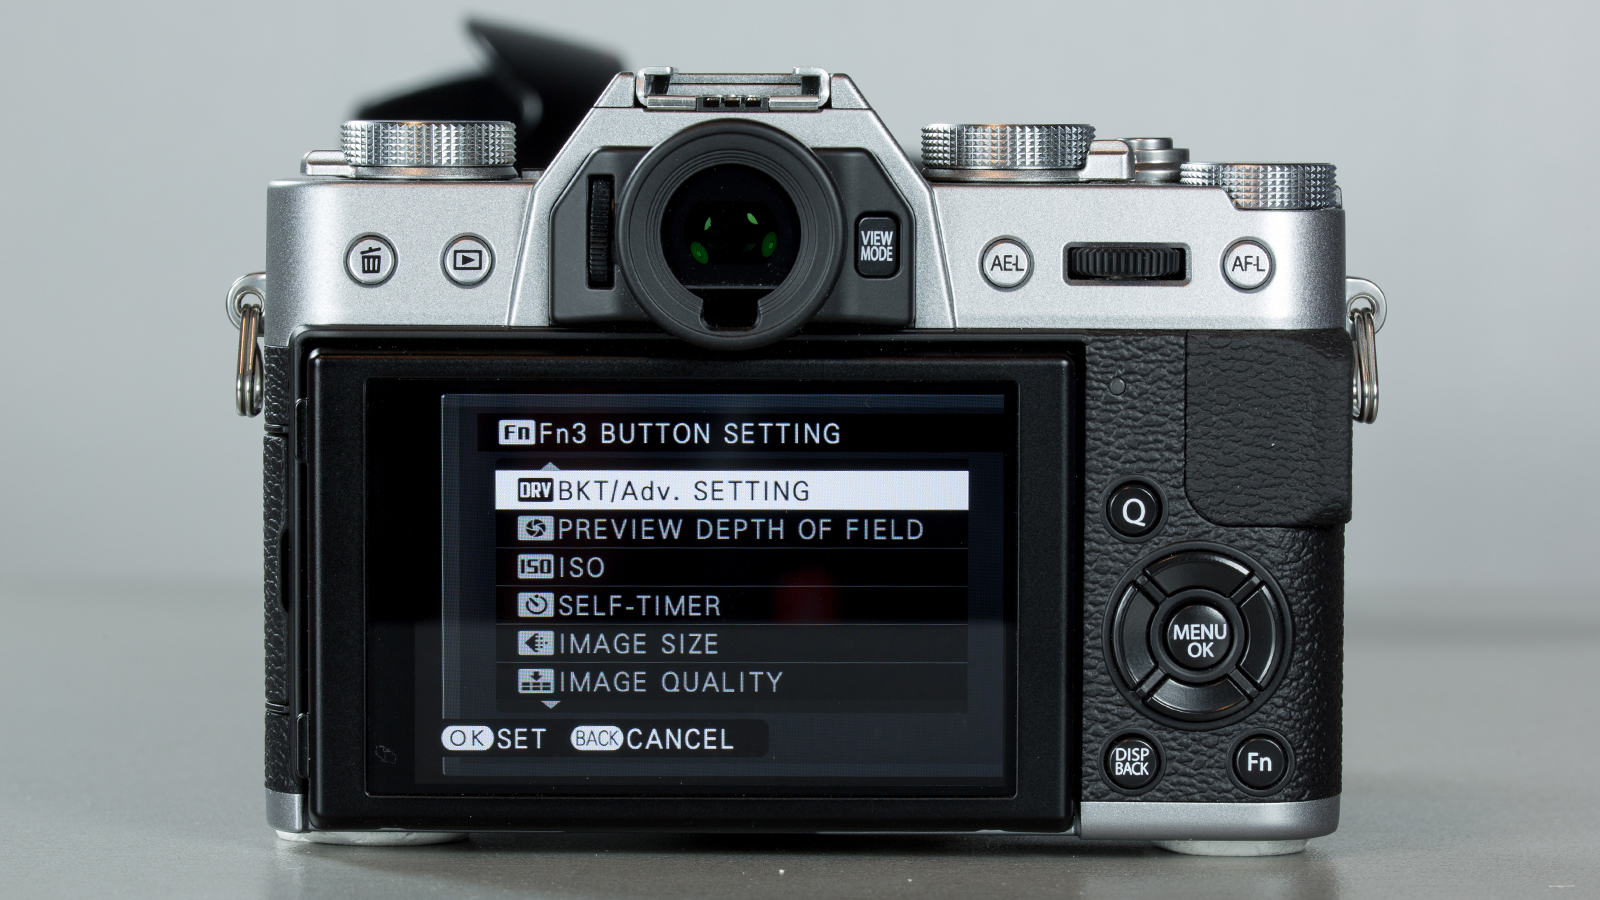 Fujifilm-X-T10-DT-022-fnbutt